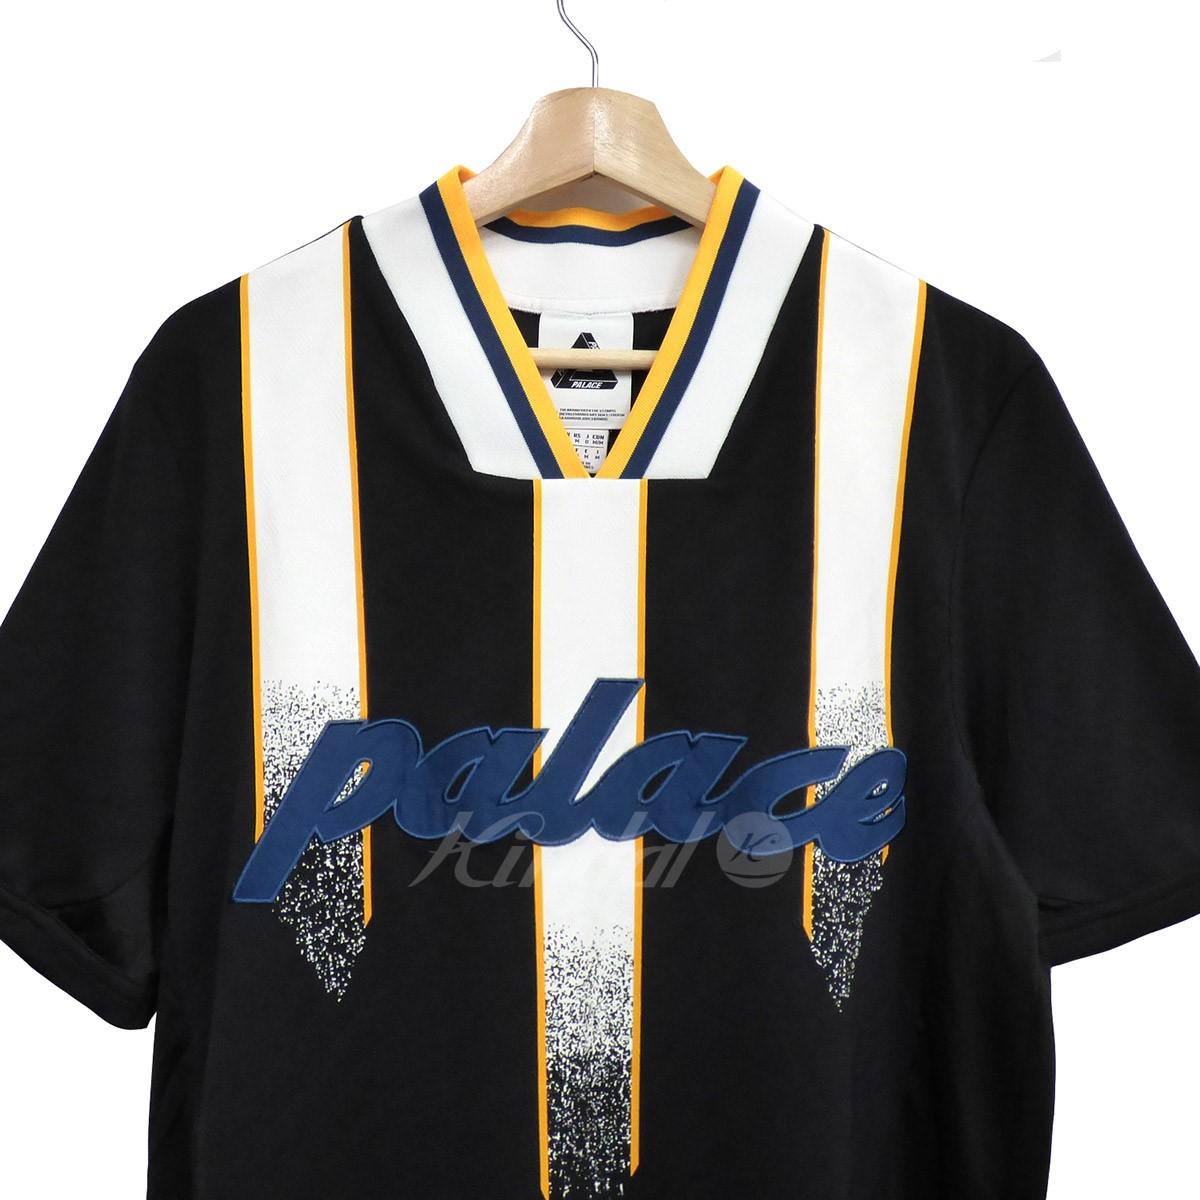 【中古】PALACE×adidas 14SS Team Away TopユニフォームトップTシャツ ブラック サイズ:M 【010619】(パレス アディダス)